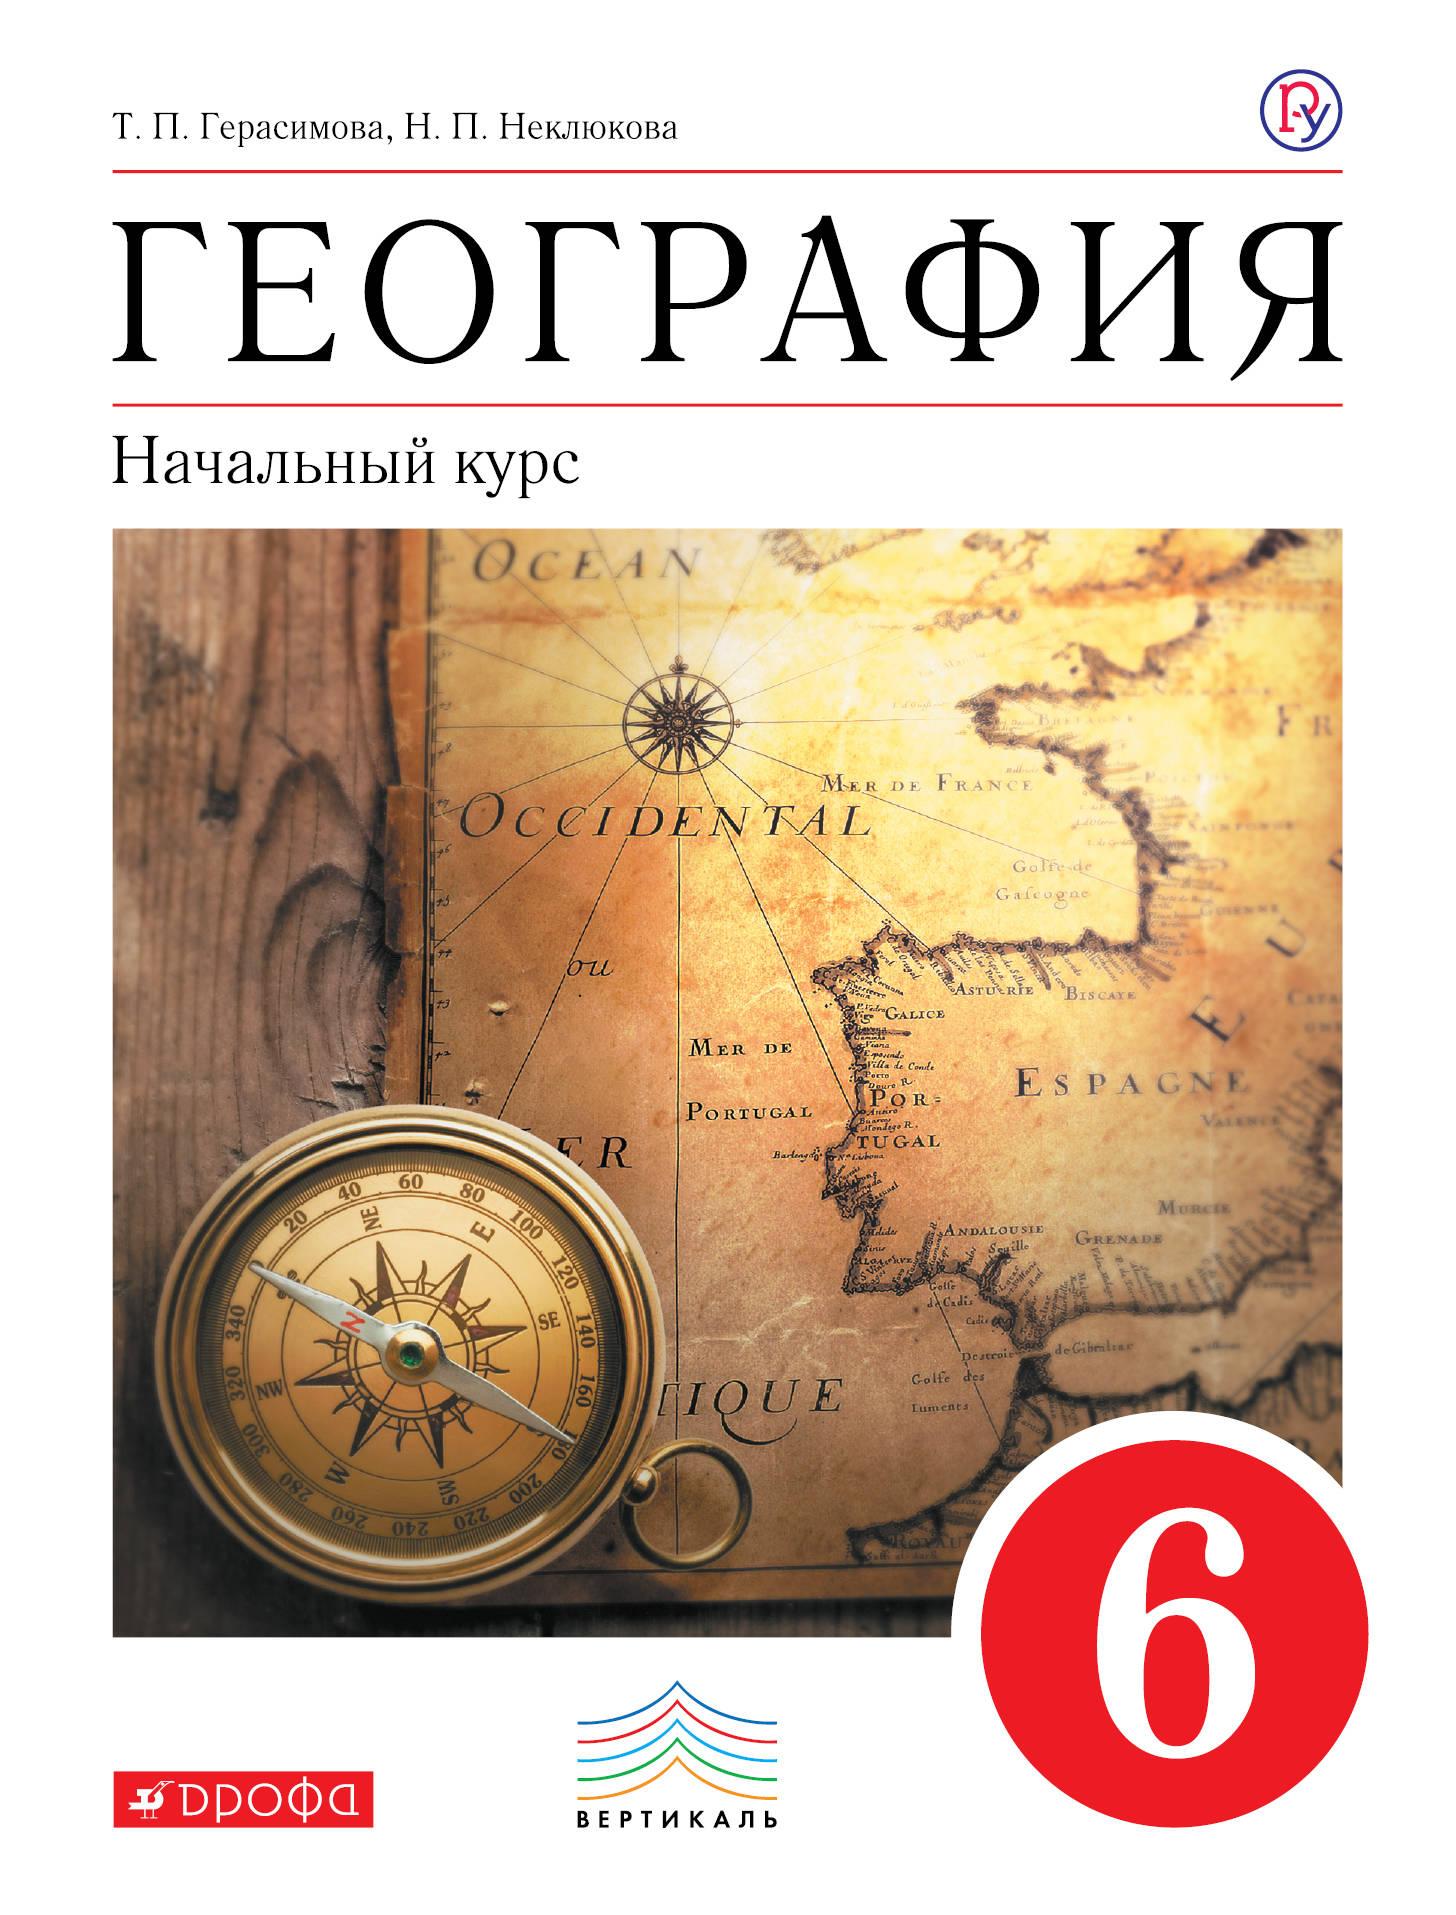 Ответы по географии 6 класс герасимова 2018 год издания